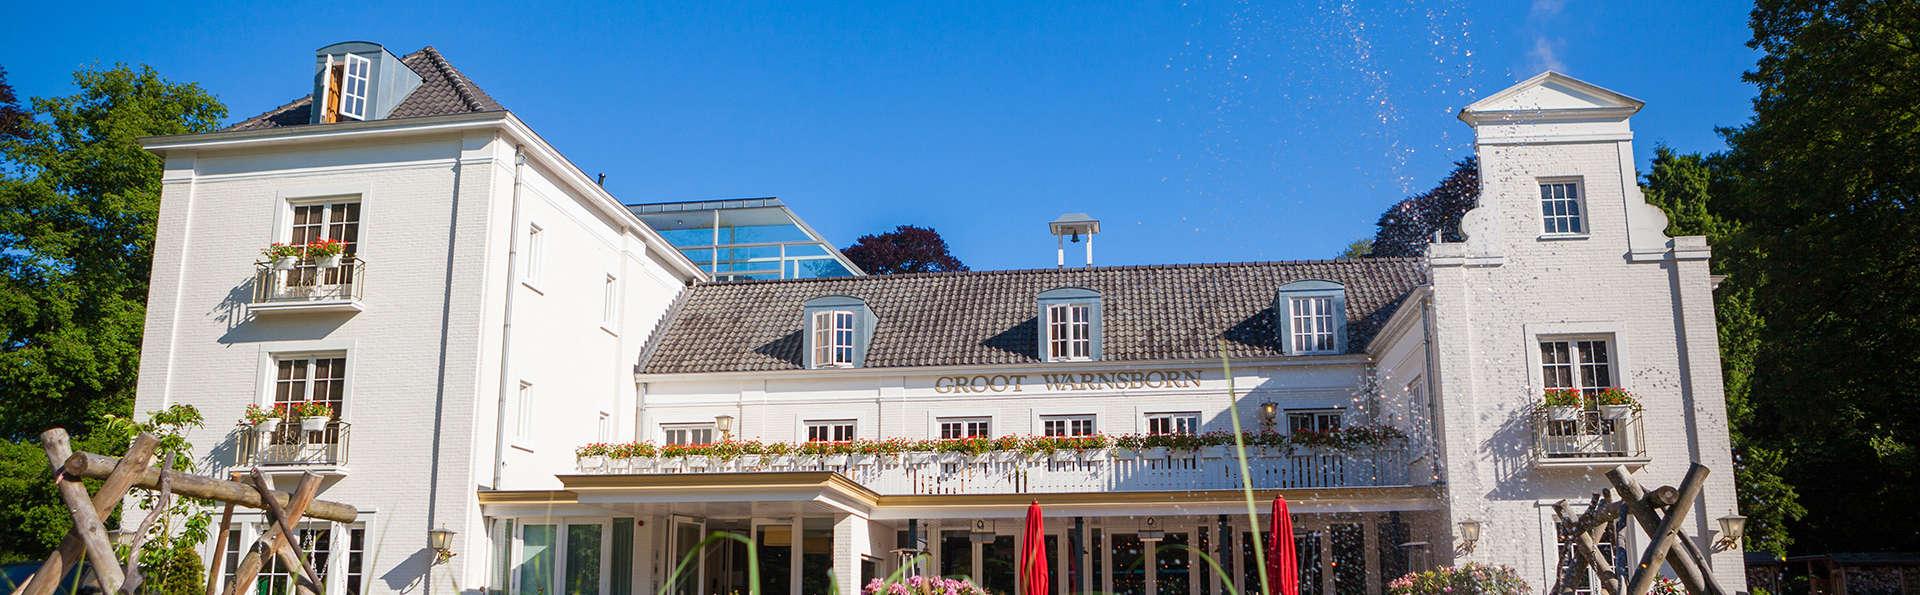 Landgoed Hotel Groot Warnsborn - edit_Landgoed-Groot-Warnsborn-voorzijde.jpg